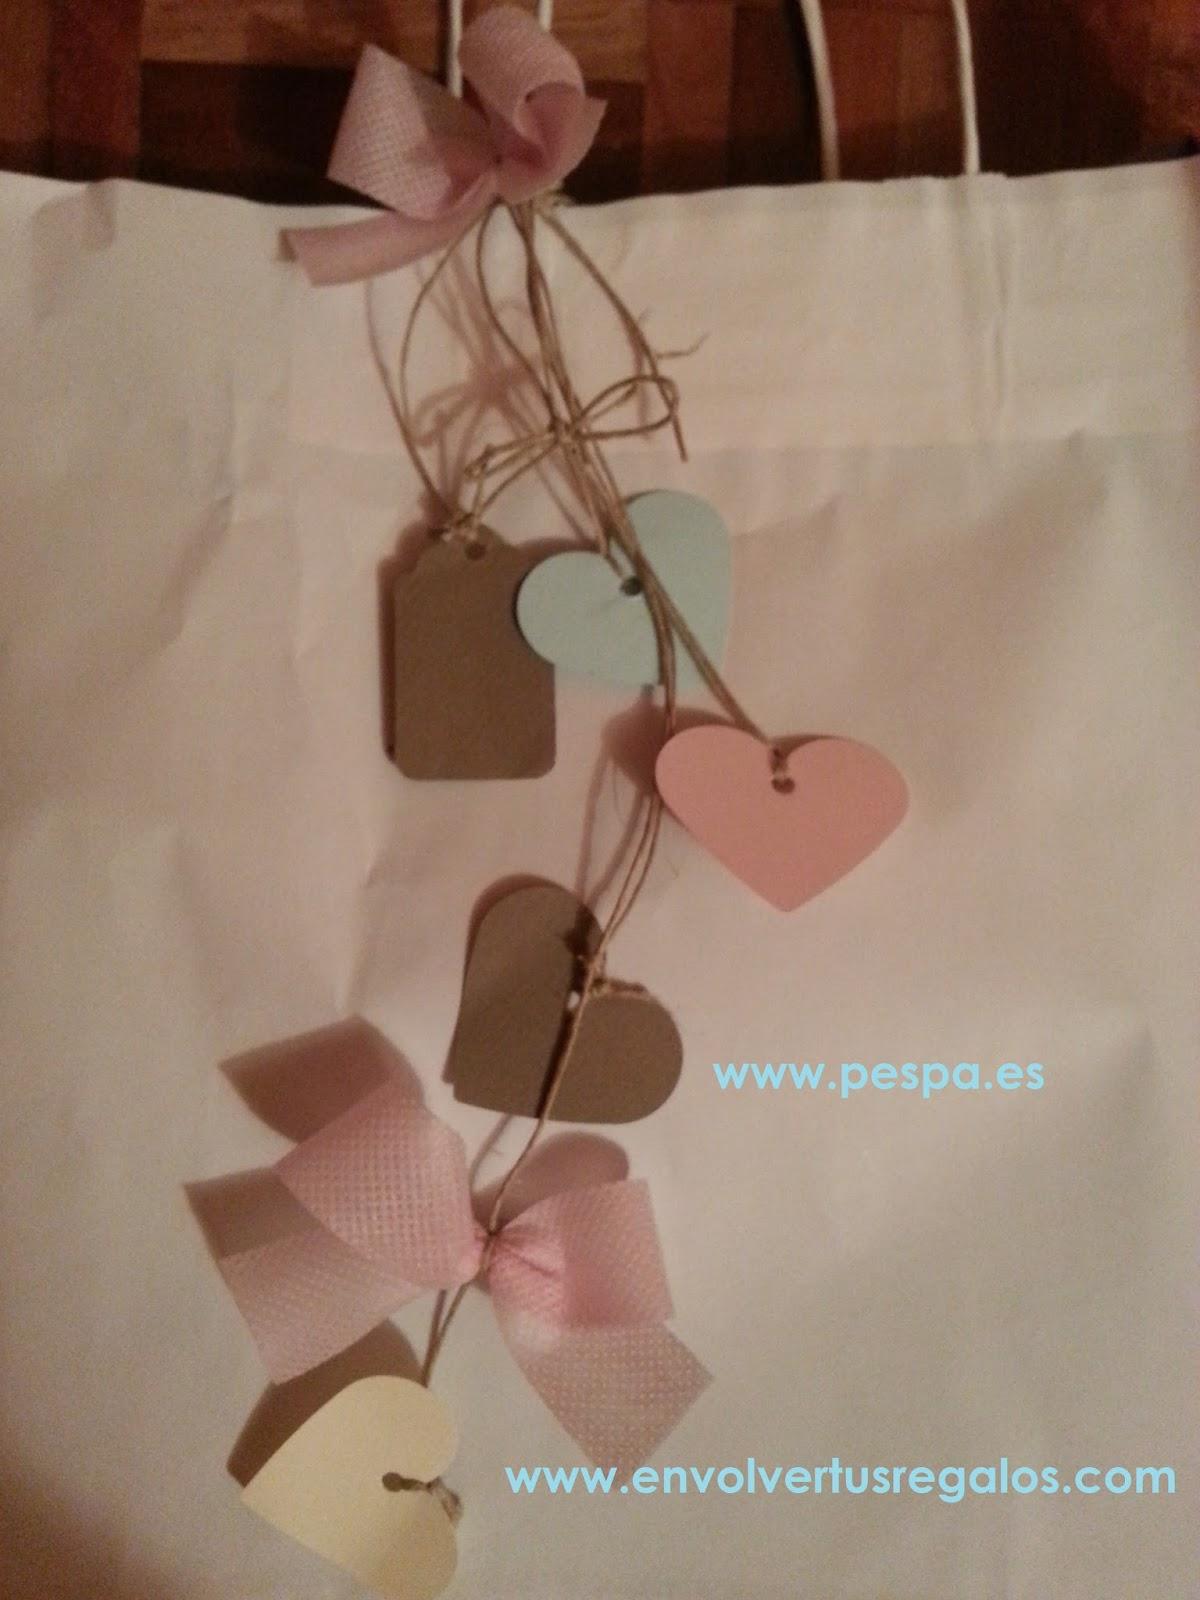 Envolver tus regalos PESPA Decorar bolsas de forma sencilla